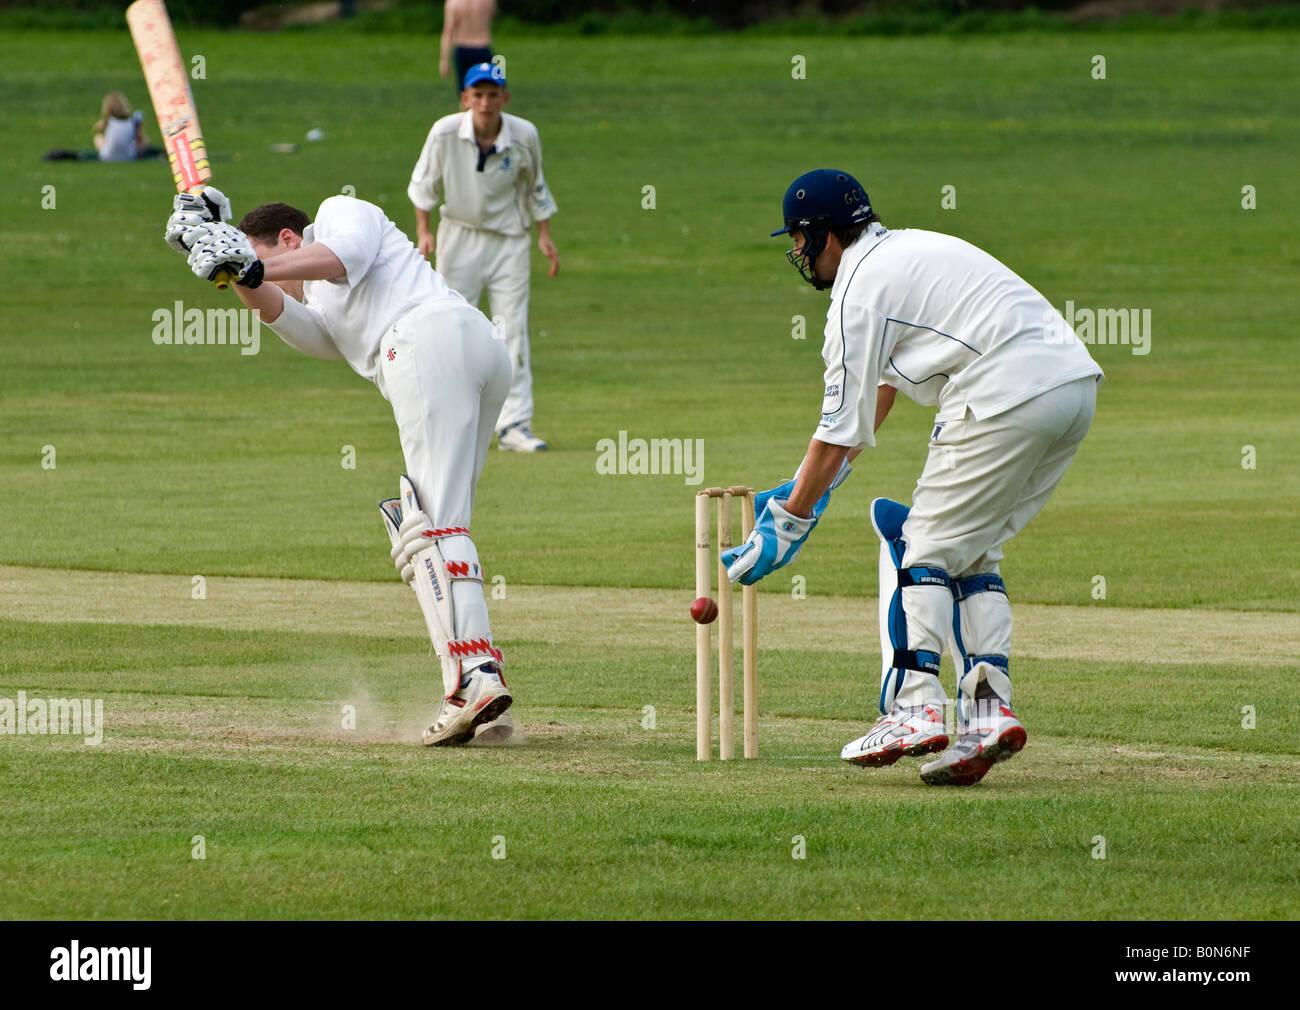 Batsman Wicket Keeper Cricket - Stock Image